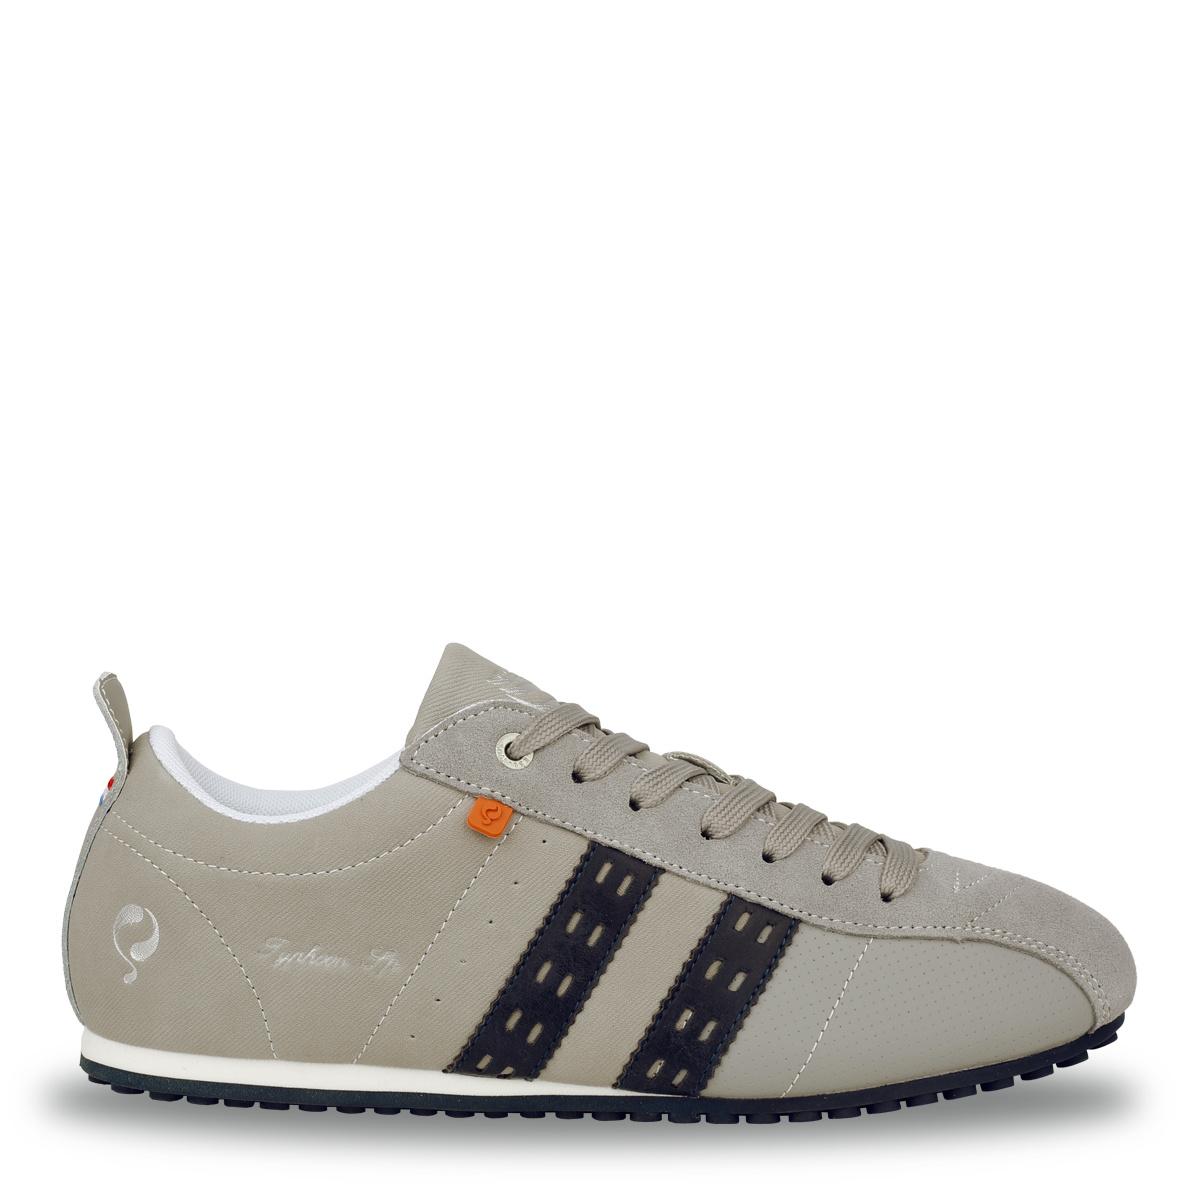 Heren Sneaker Typhoon SP - Lichtgrijs/Donkerblauw